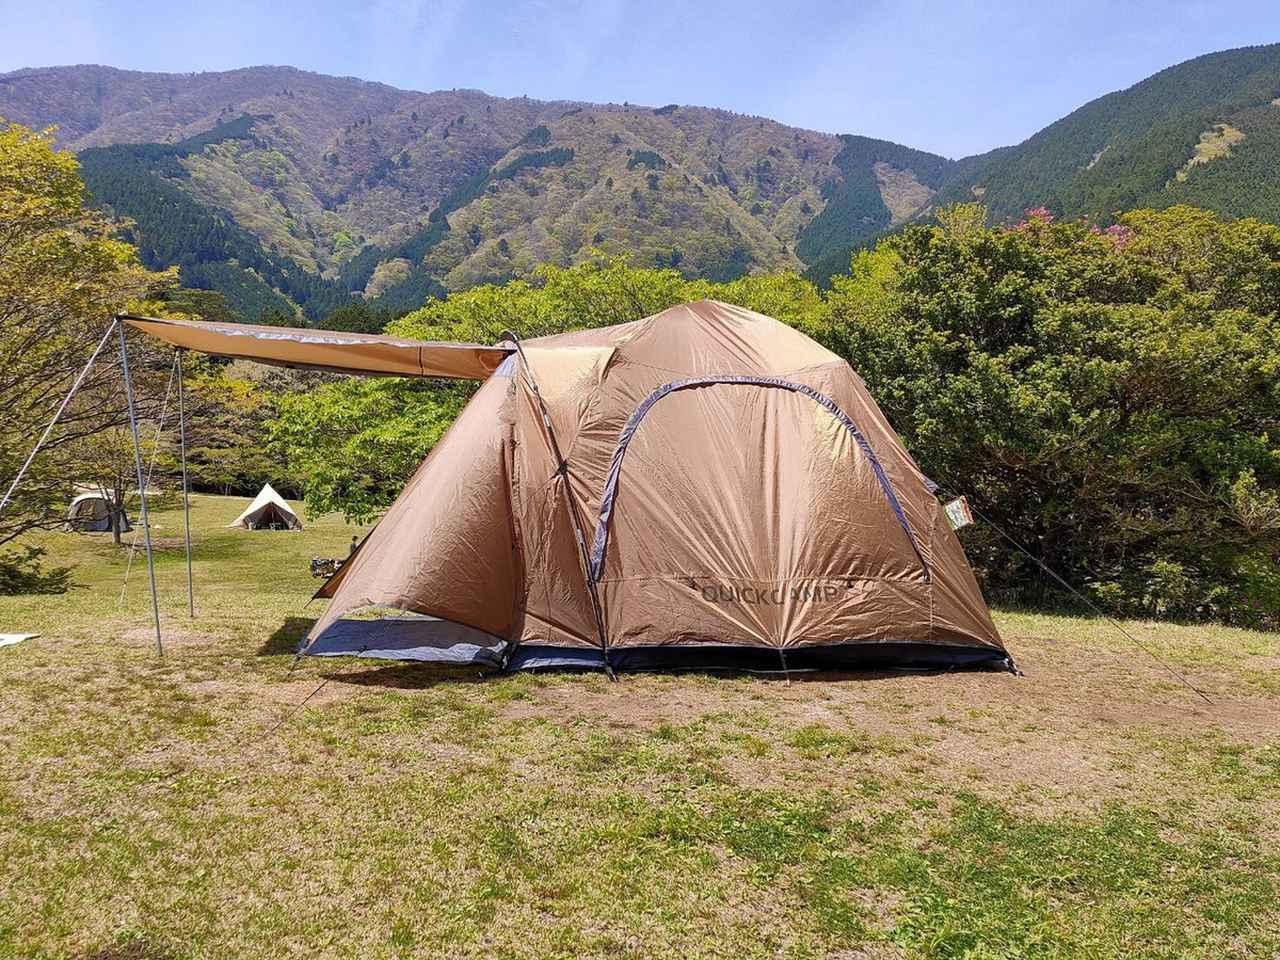 画像: QUICKCAMPのワンタッチテント『ダブルウォール キャビン』でコテージ・バンガロー泊から念願の「テントキャンパー」に! - ハピキャン キャンプ・アウトドア情報メディア